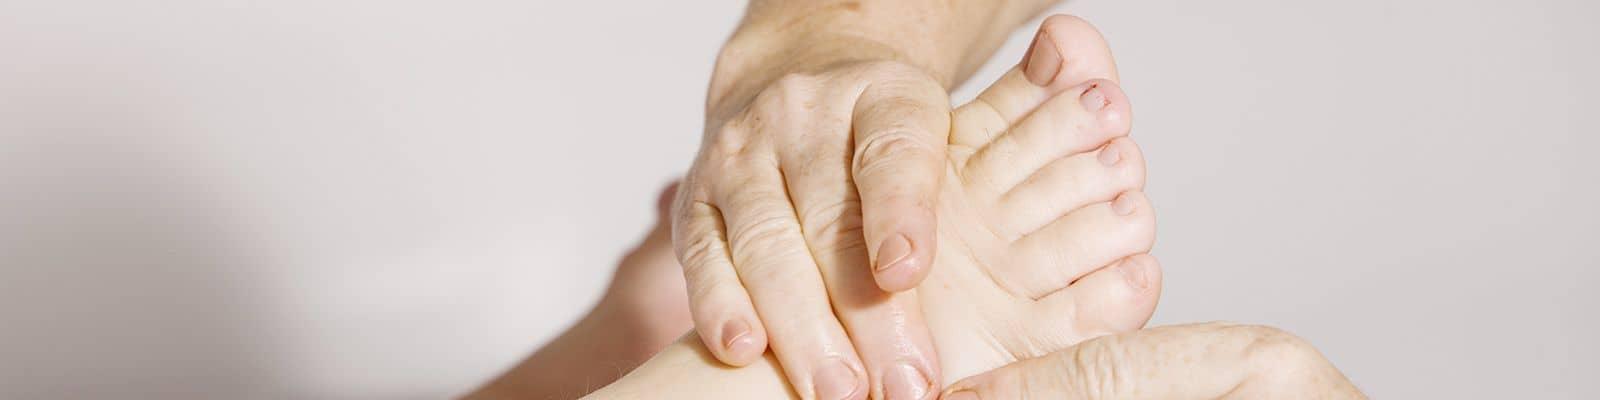 Lesiones del pie y sus cuidados